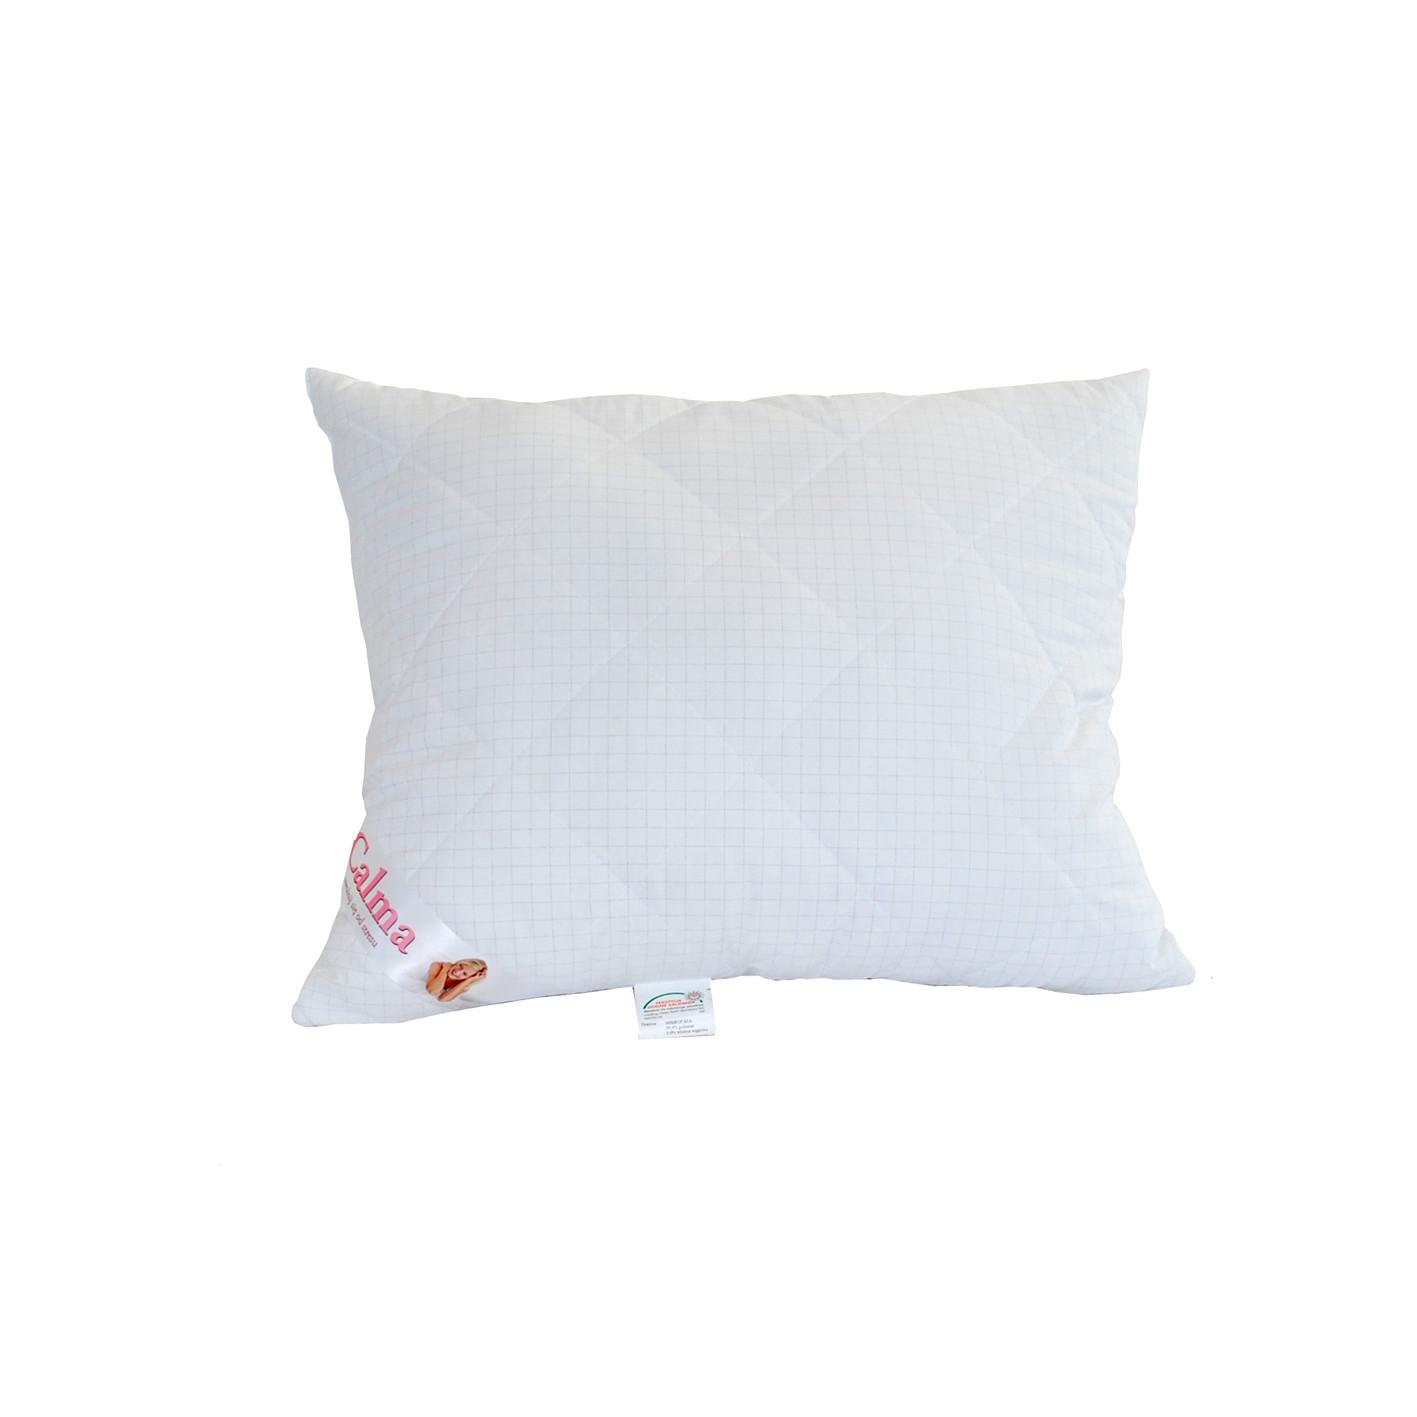 Poduszka Calma pikowana z zamkiem 50x60